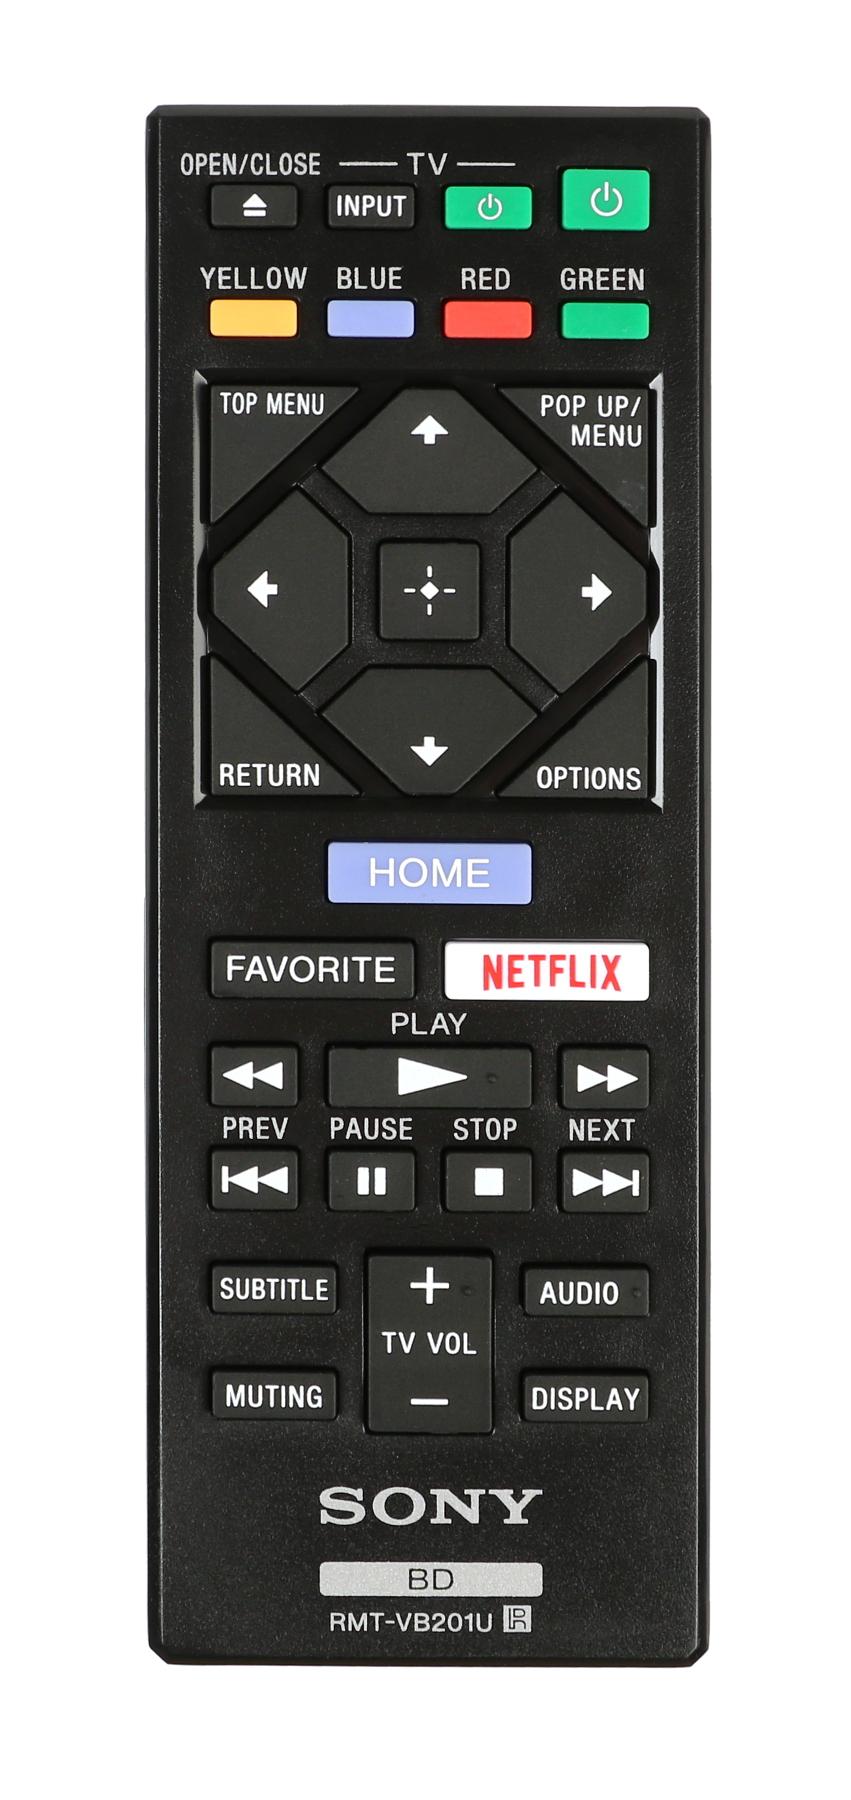 BDPBX370 Remote